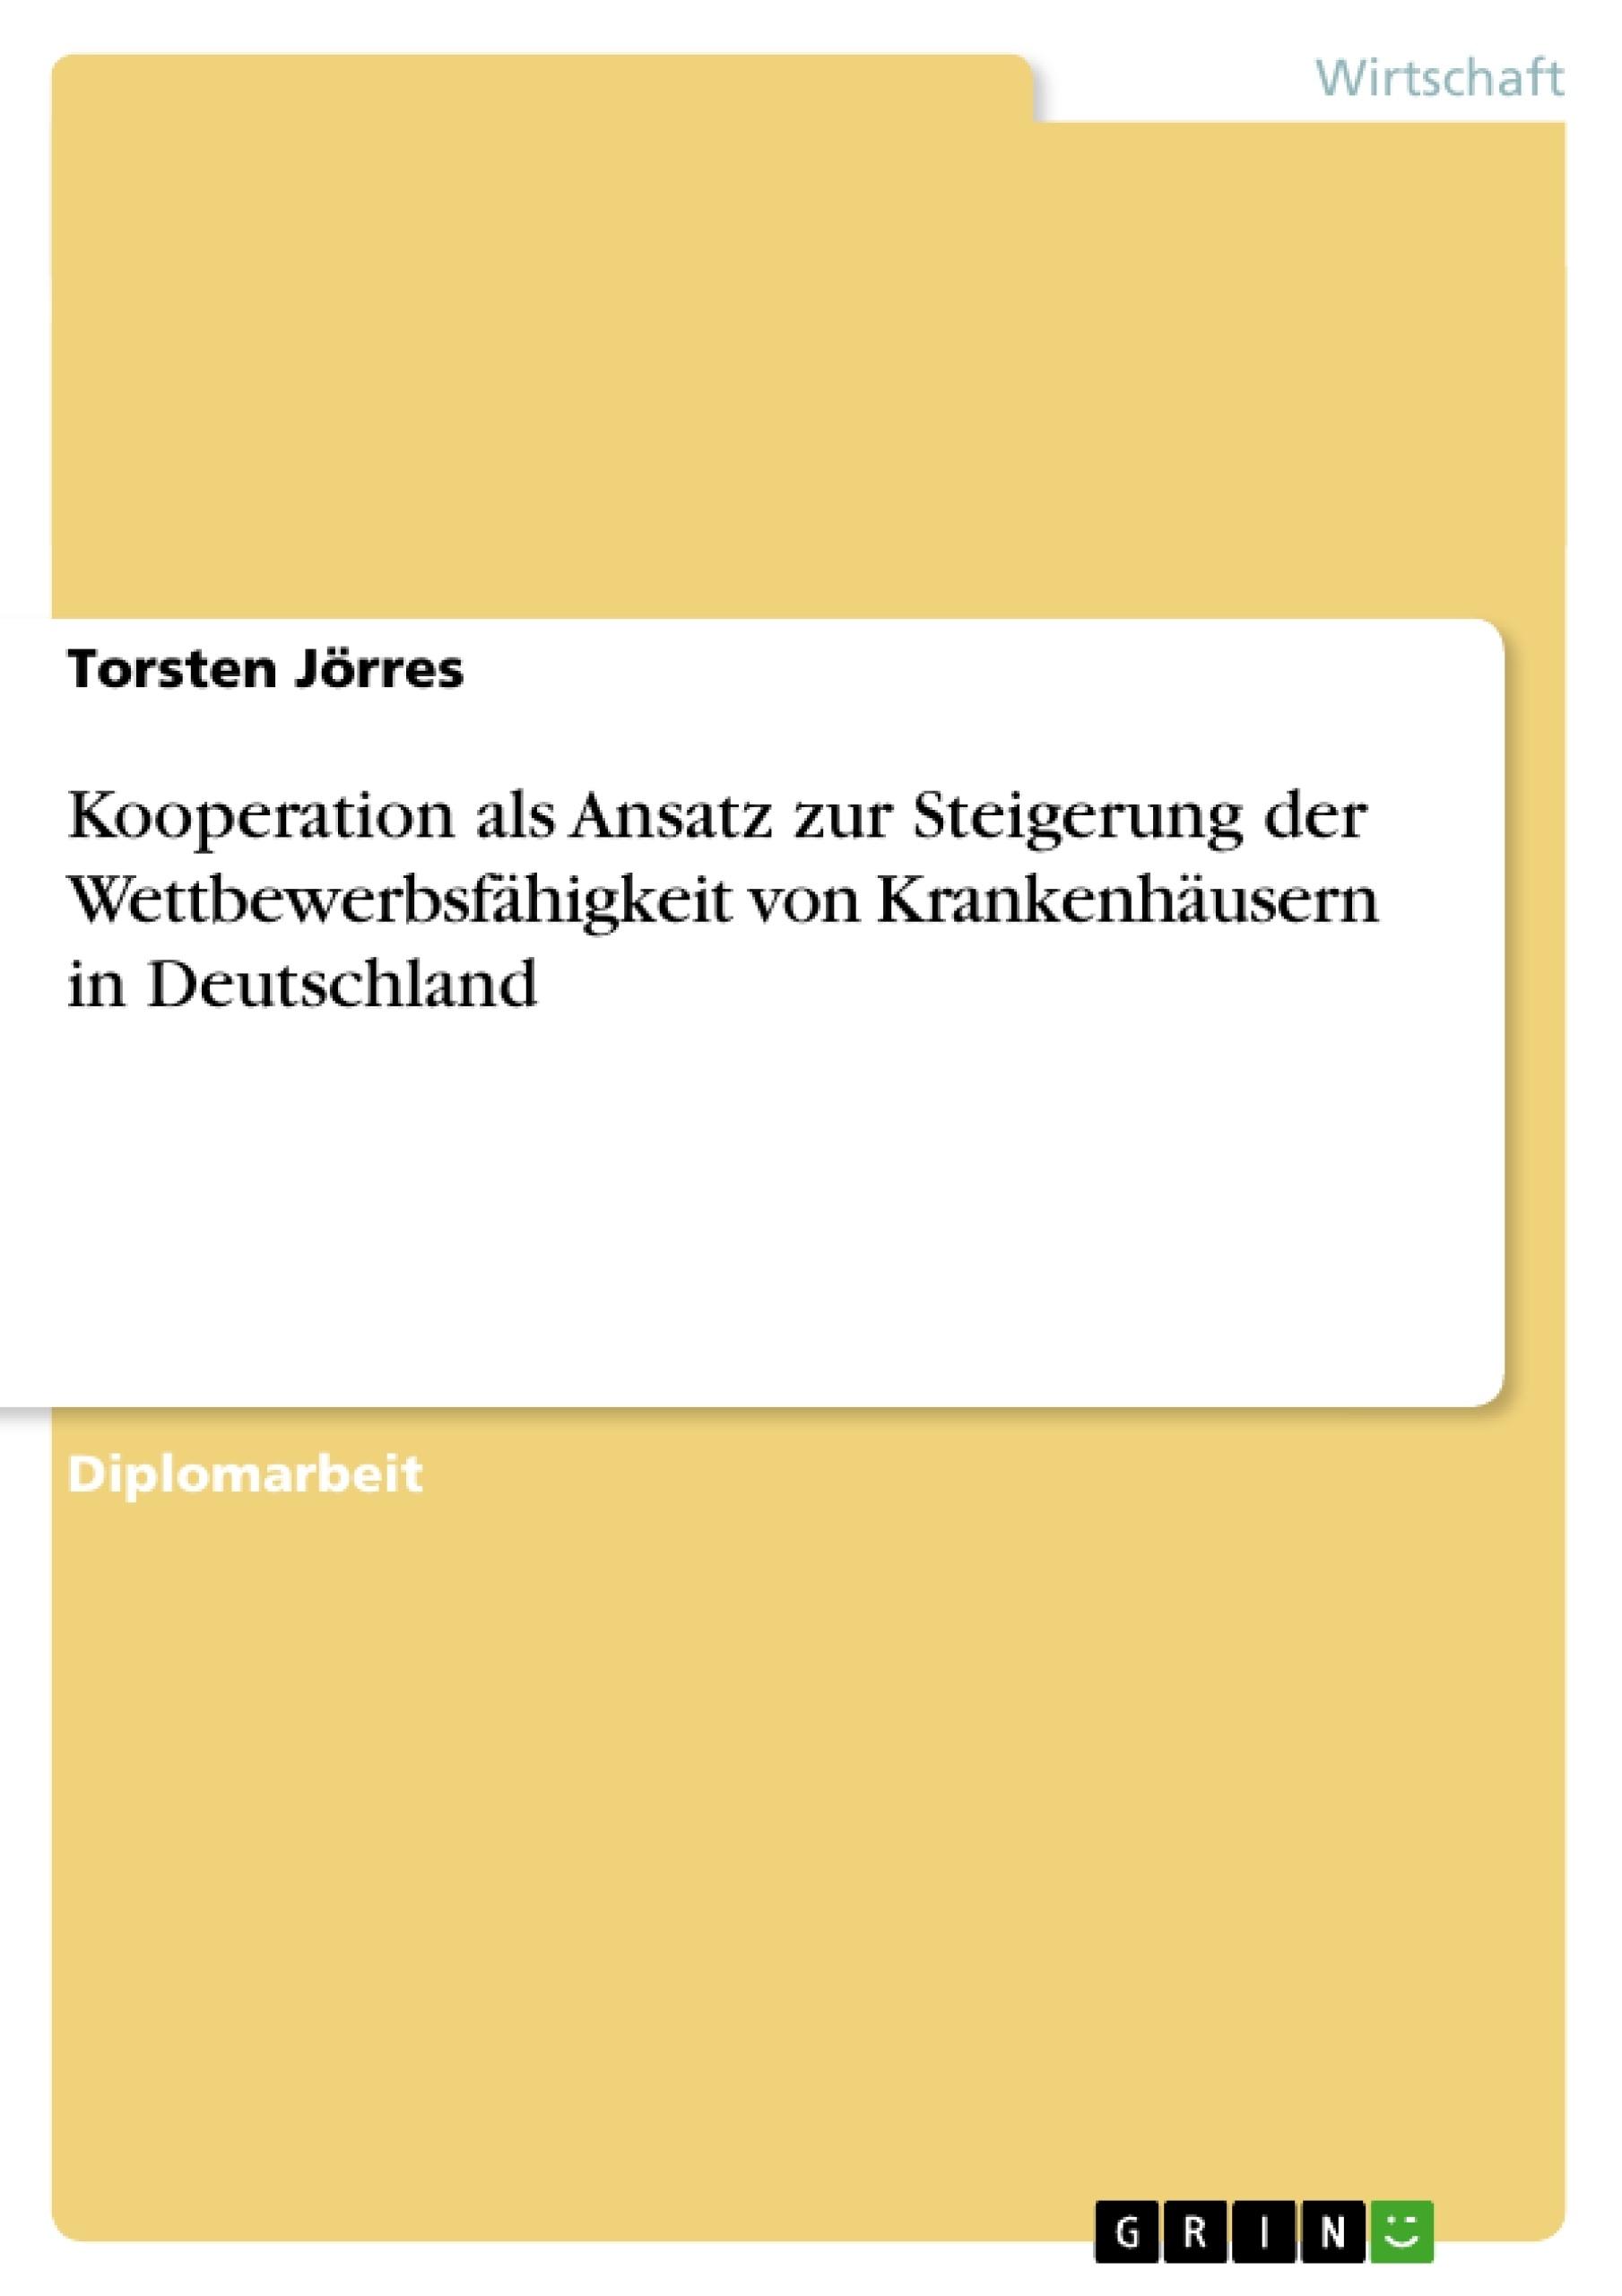 Titel: Kooperation als Ansatz zur Steigerung der Wettbewerbsfähigkeit von Krankenhäusern in Deutschland